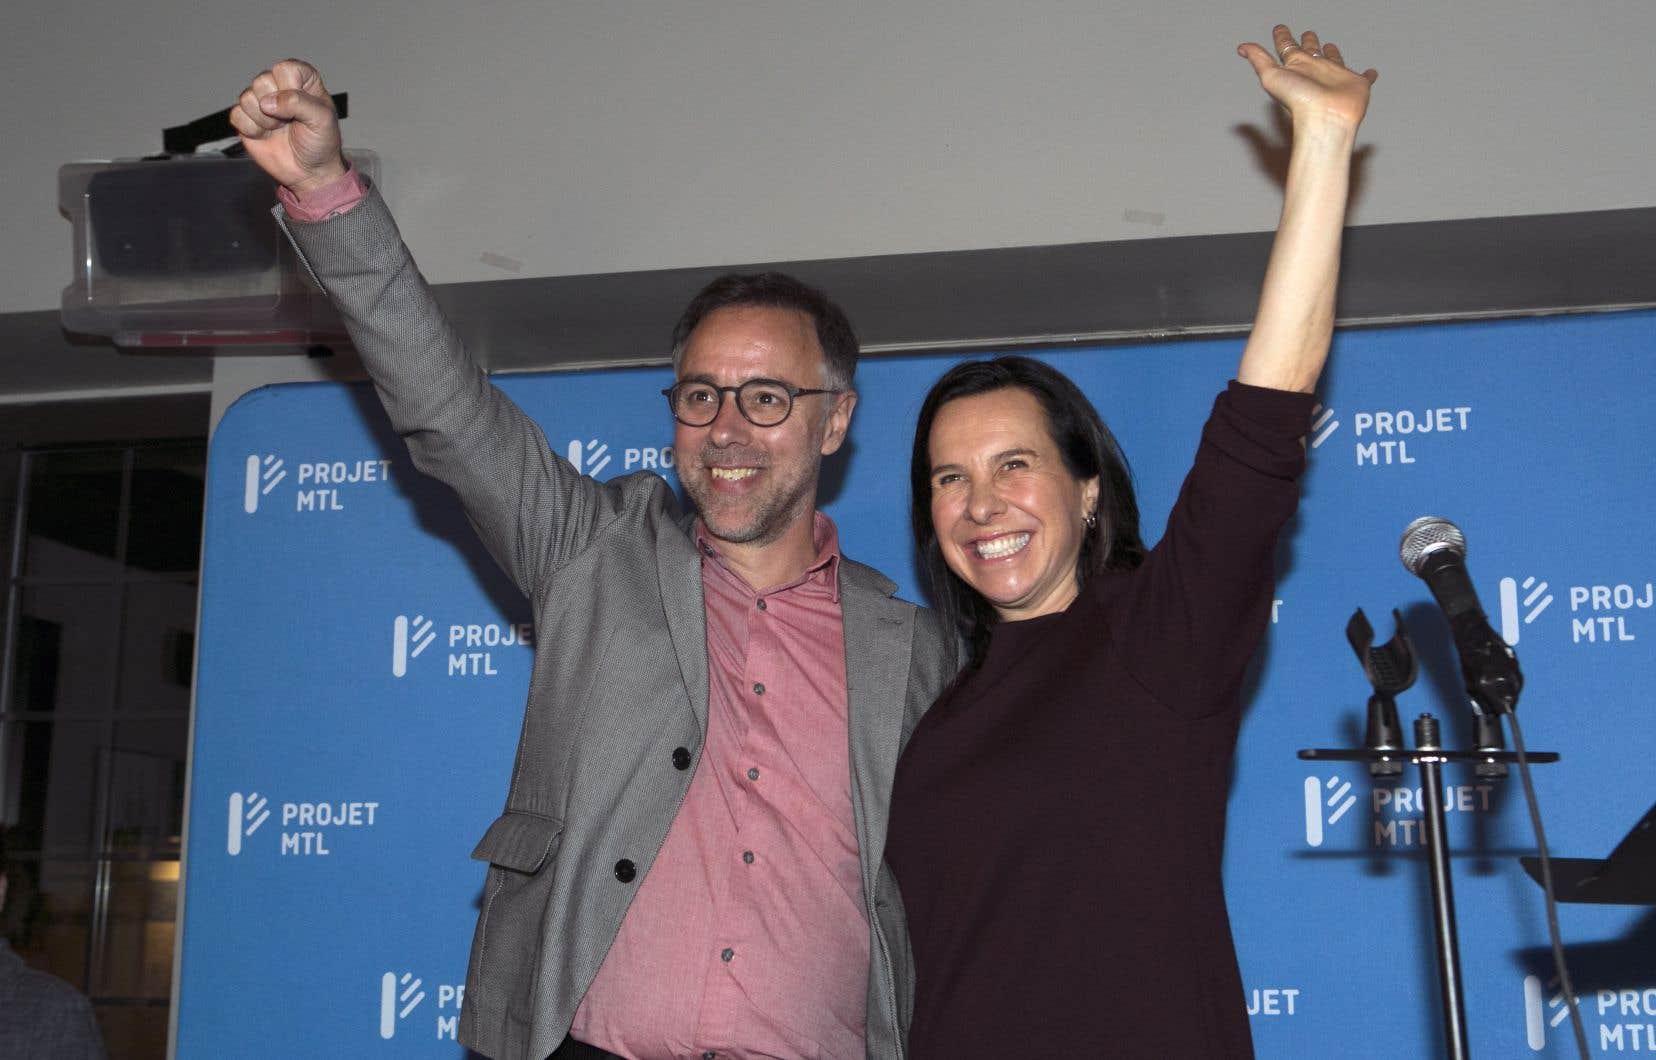 Le candidat de Projet Montréal, Luc Rabouin, a récolté plus de 67% des votes, ce qui fait de lui le nouveau maire de l'arrondissement du Plateau-Mont-Royal.